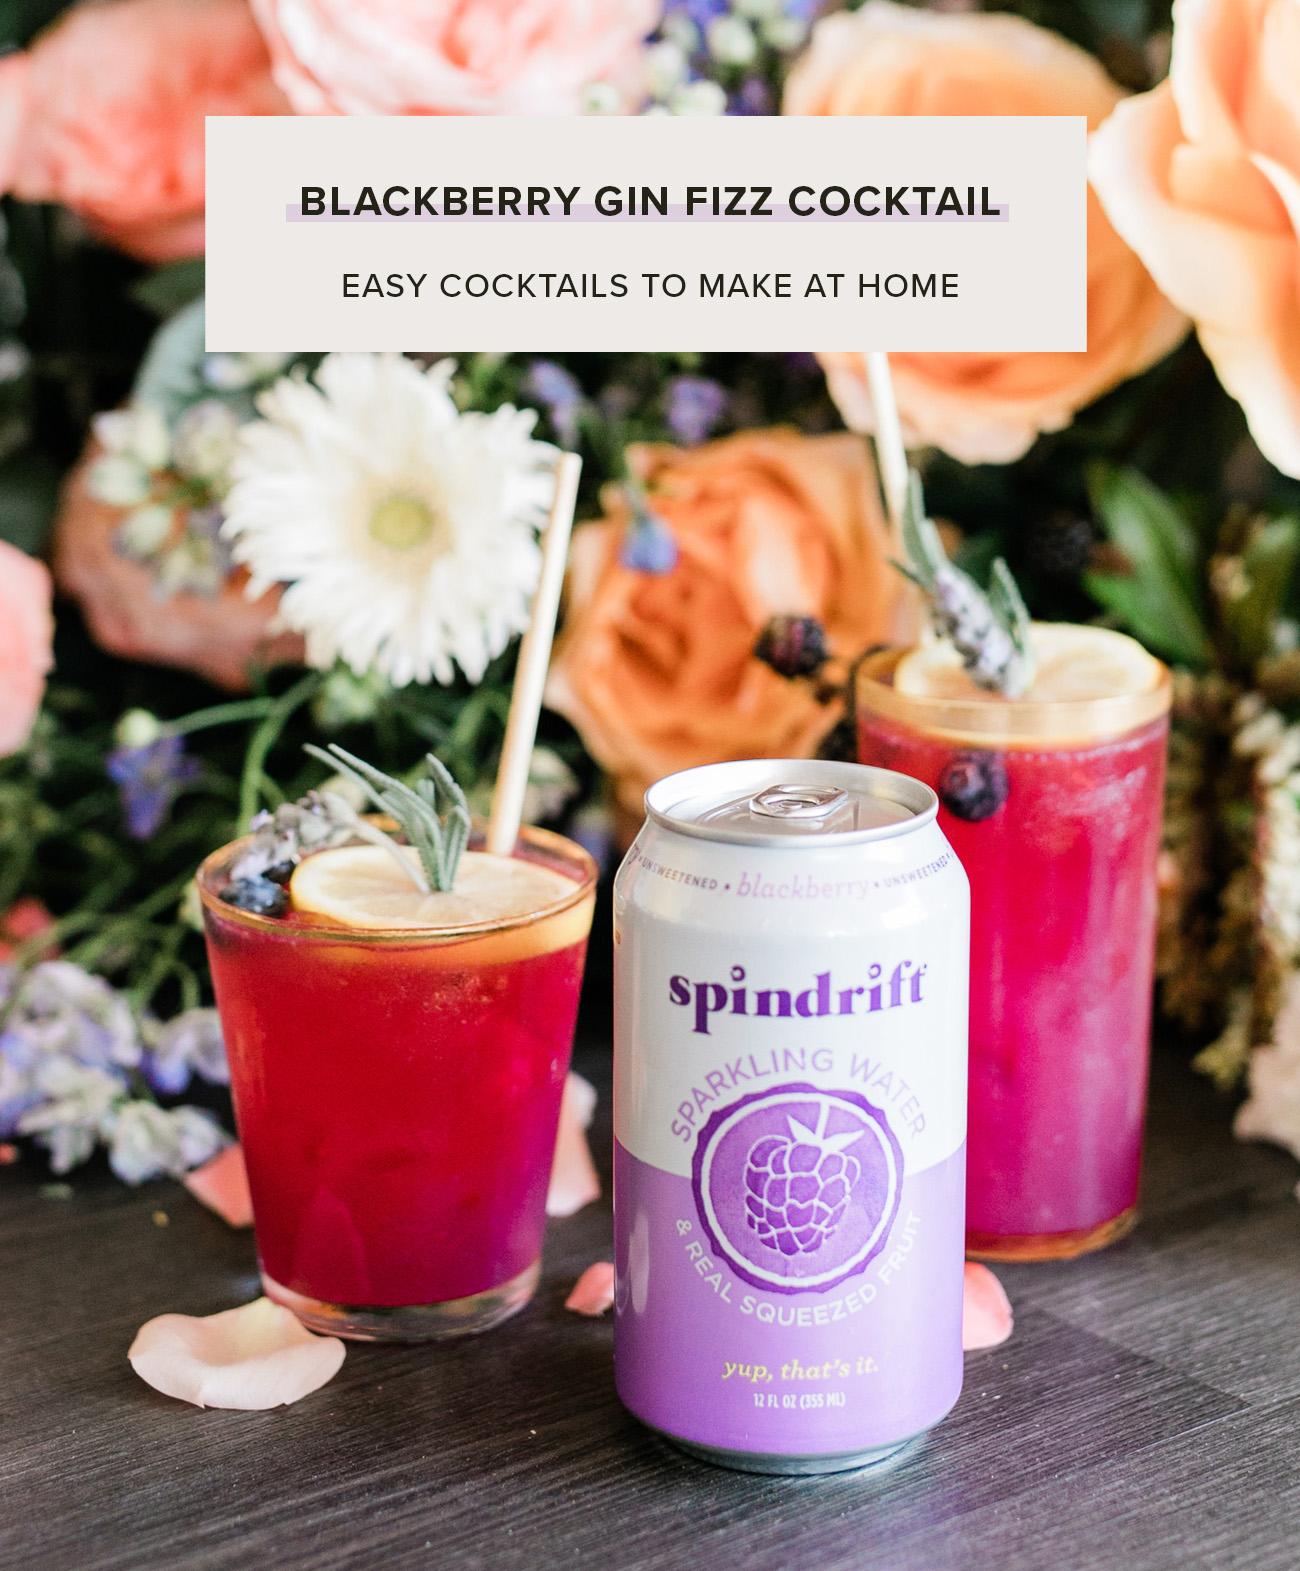 blackberry spindrift gin cocktail